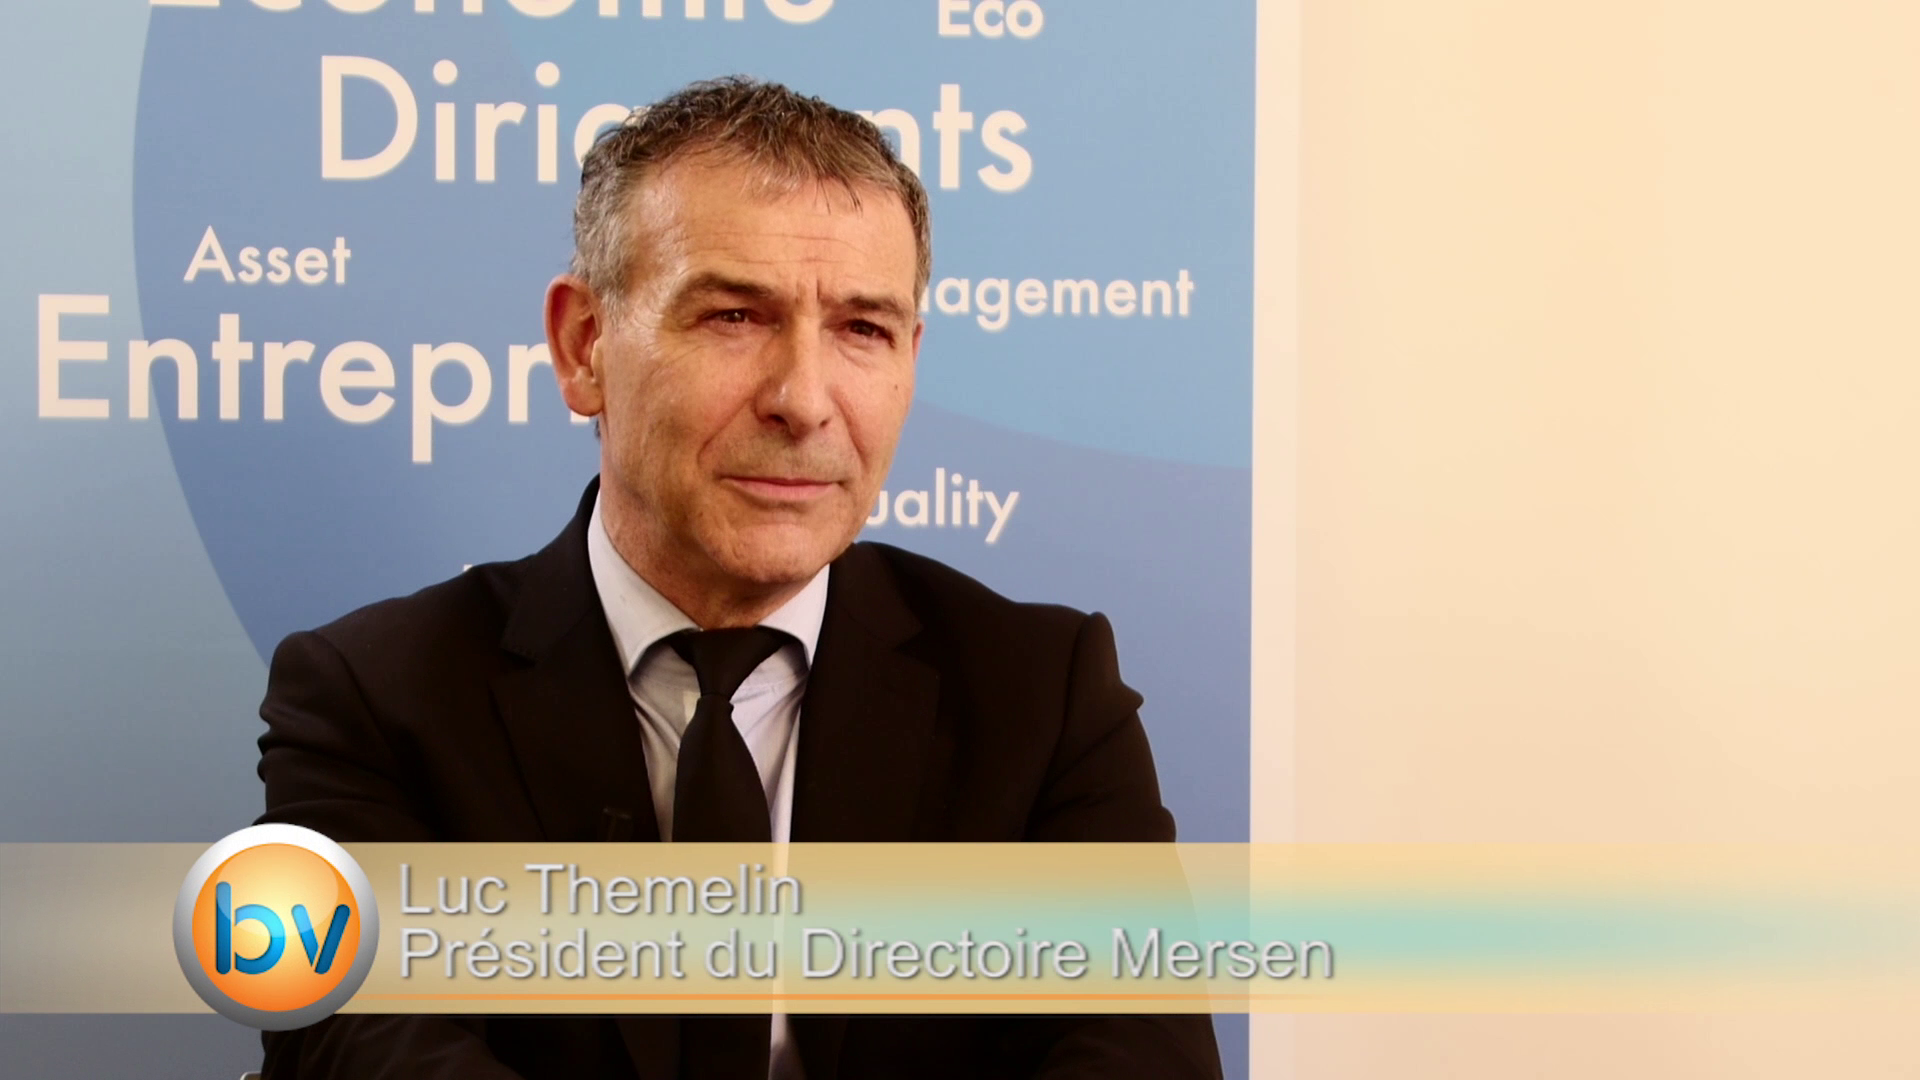 """Luc Themelin Président du Directoire Mersen : """"J'espère que 2015 sera aussi une année de croissance externe"""""""